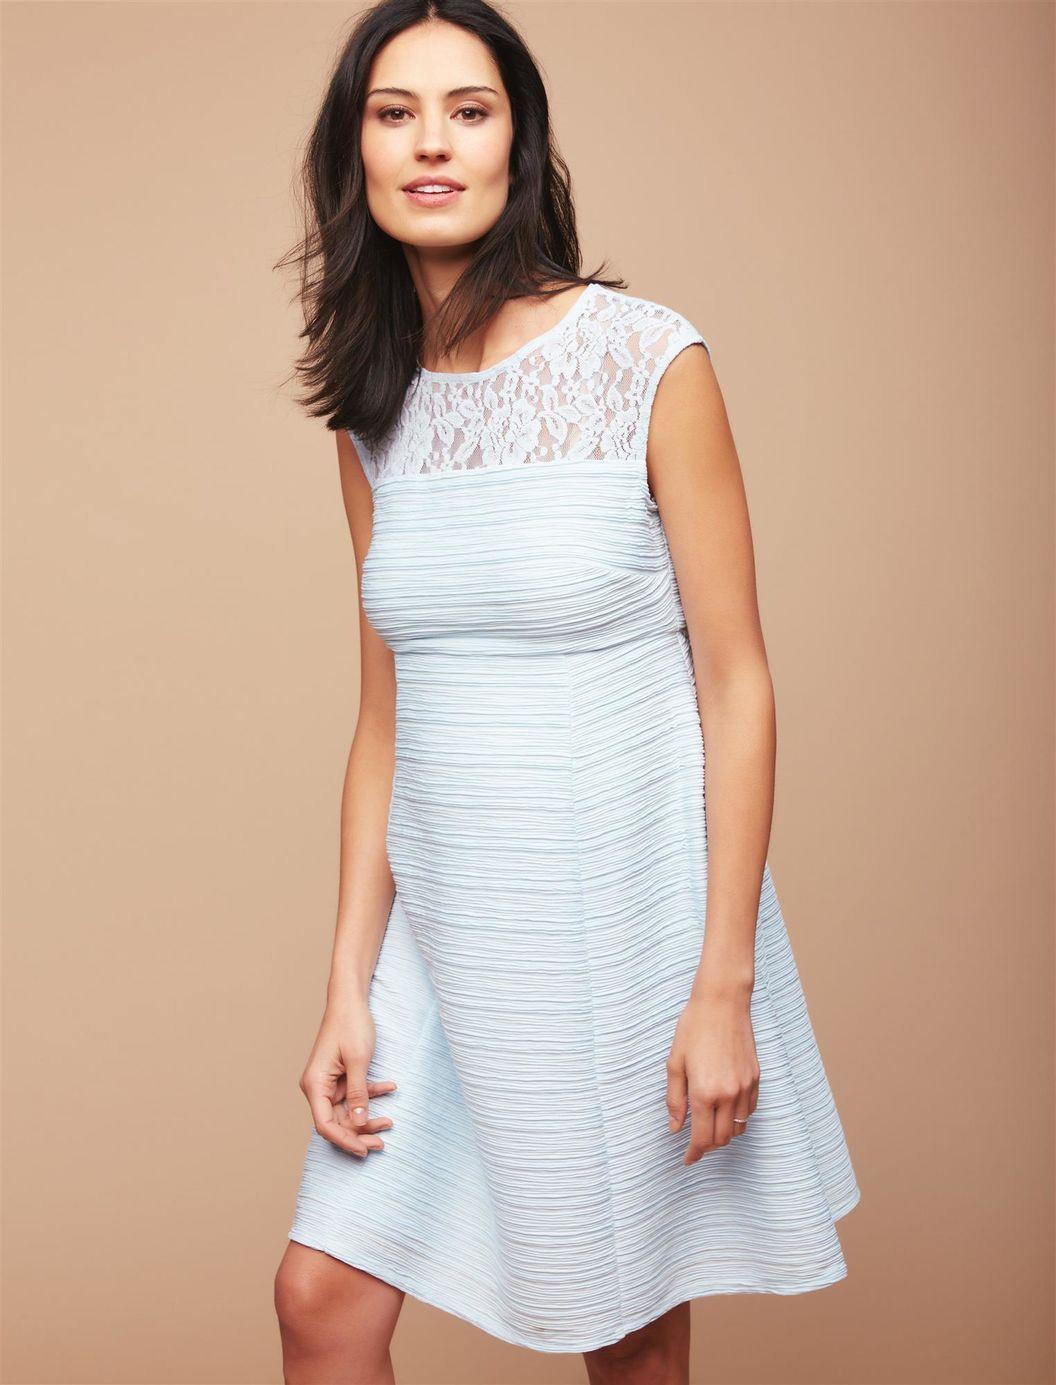 Lace dress for pregnant  Lace Detail Maternity Dress Glacier Blue  Pregnancy  Pinterest